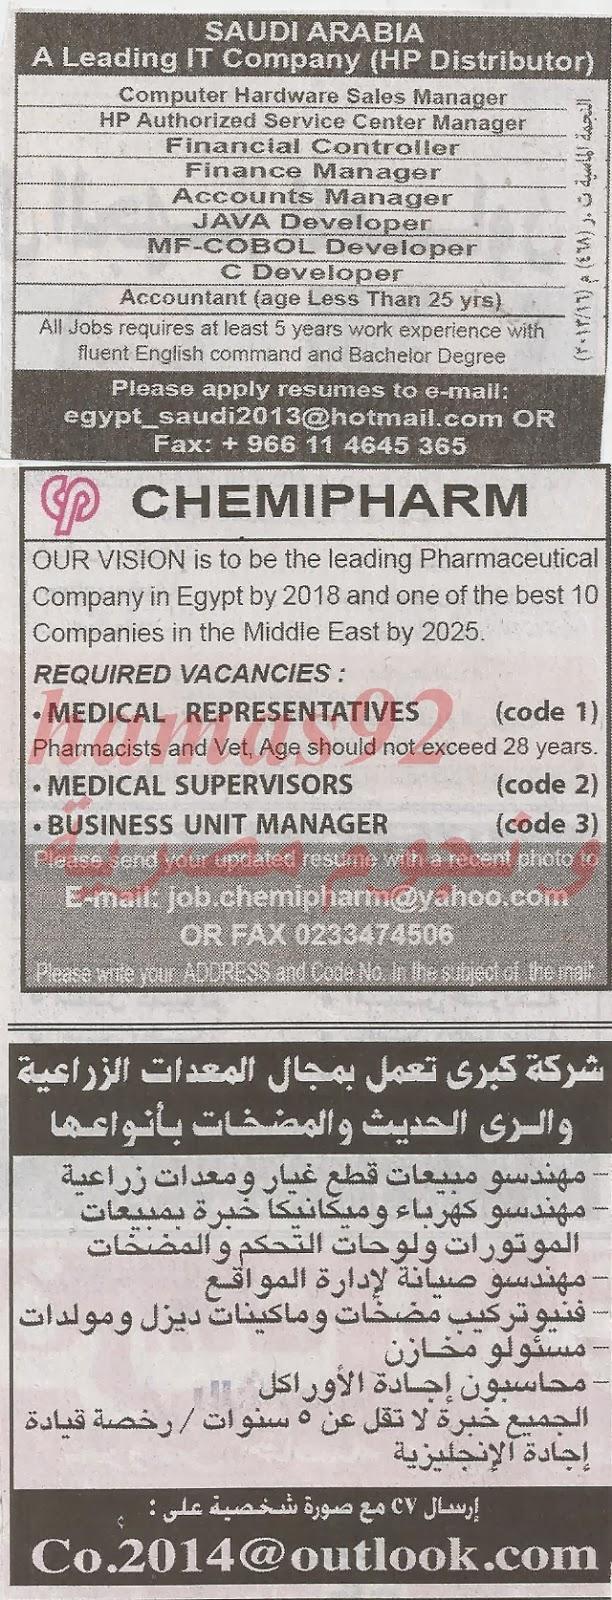 اعلانات وظائف جريدة الاهرام اليوم السبت 30-11-2013 , وظائف خالية في مصر 30 نوفمبر 2013